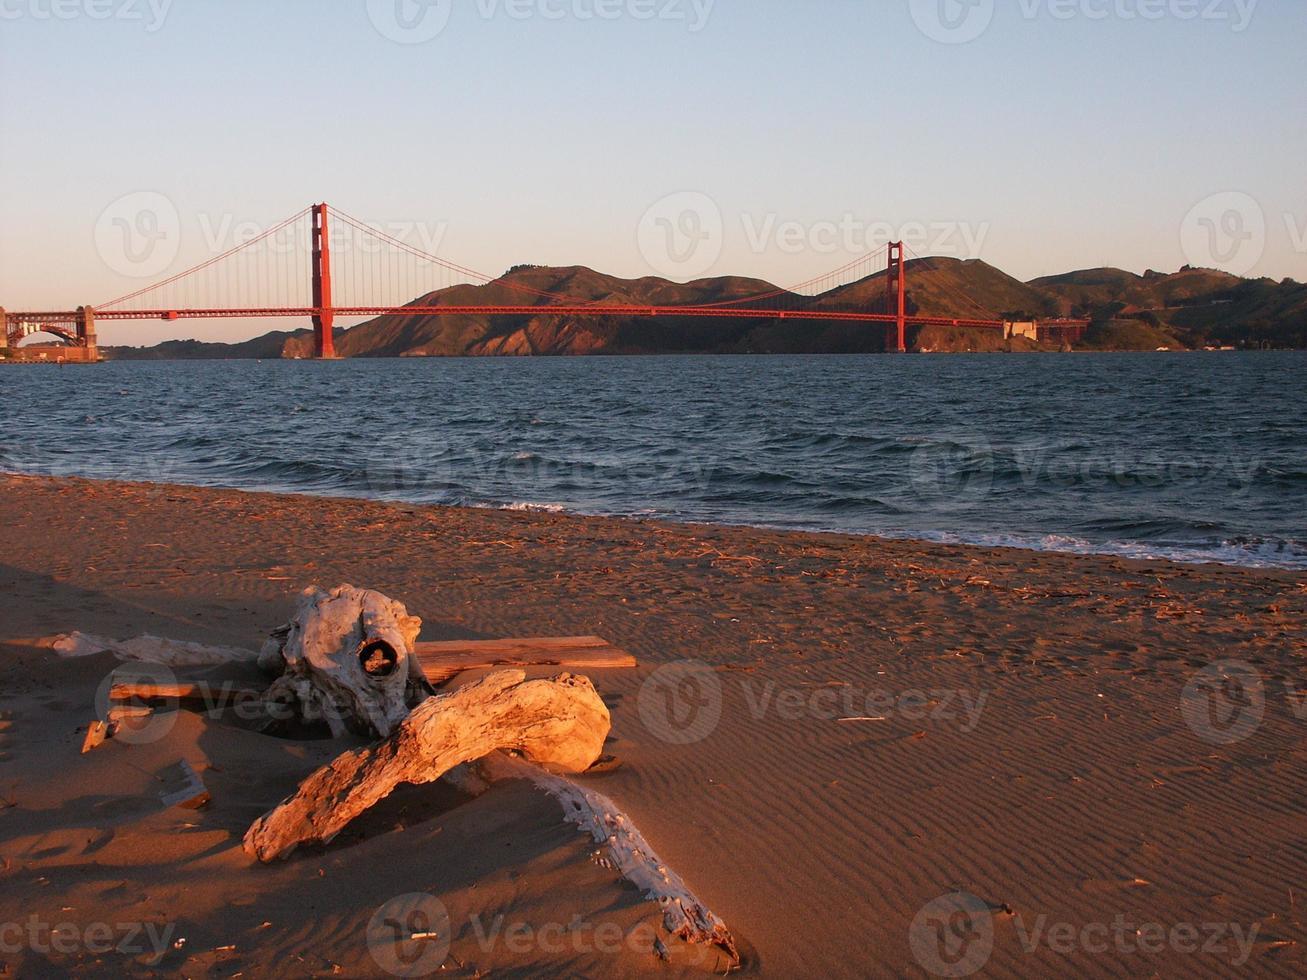 madeira de tração dourada, são francisco, califórnia, eua foto